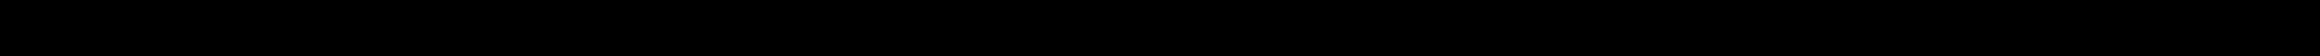 RIDEX 13712246997, LR007478, PHE100500, PHE100500L Zracni filter